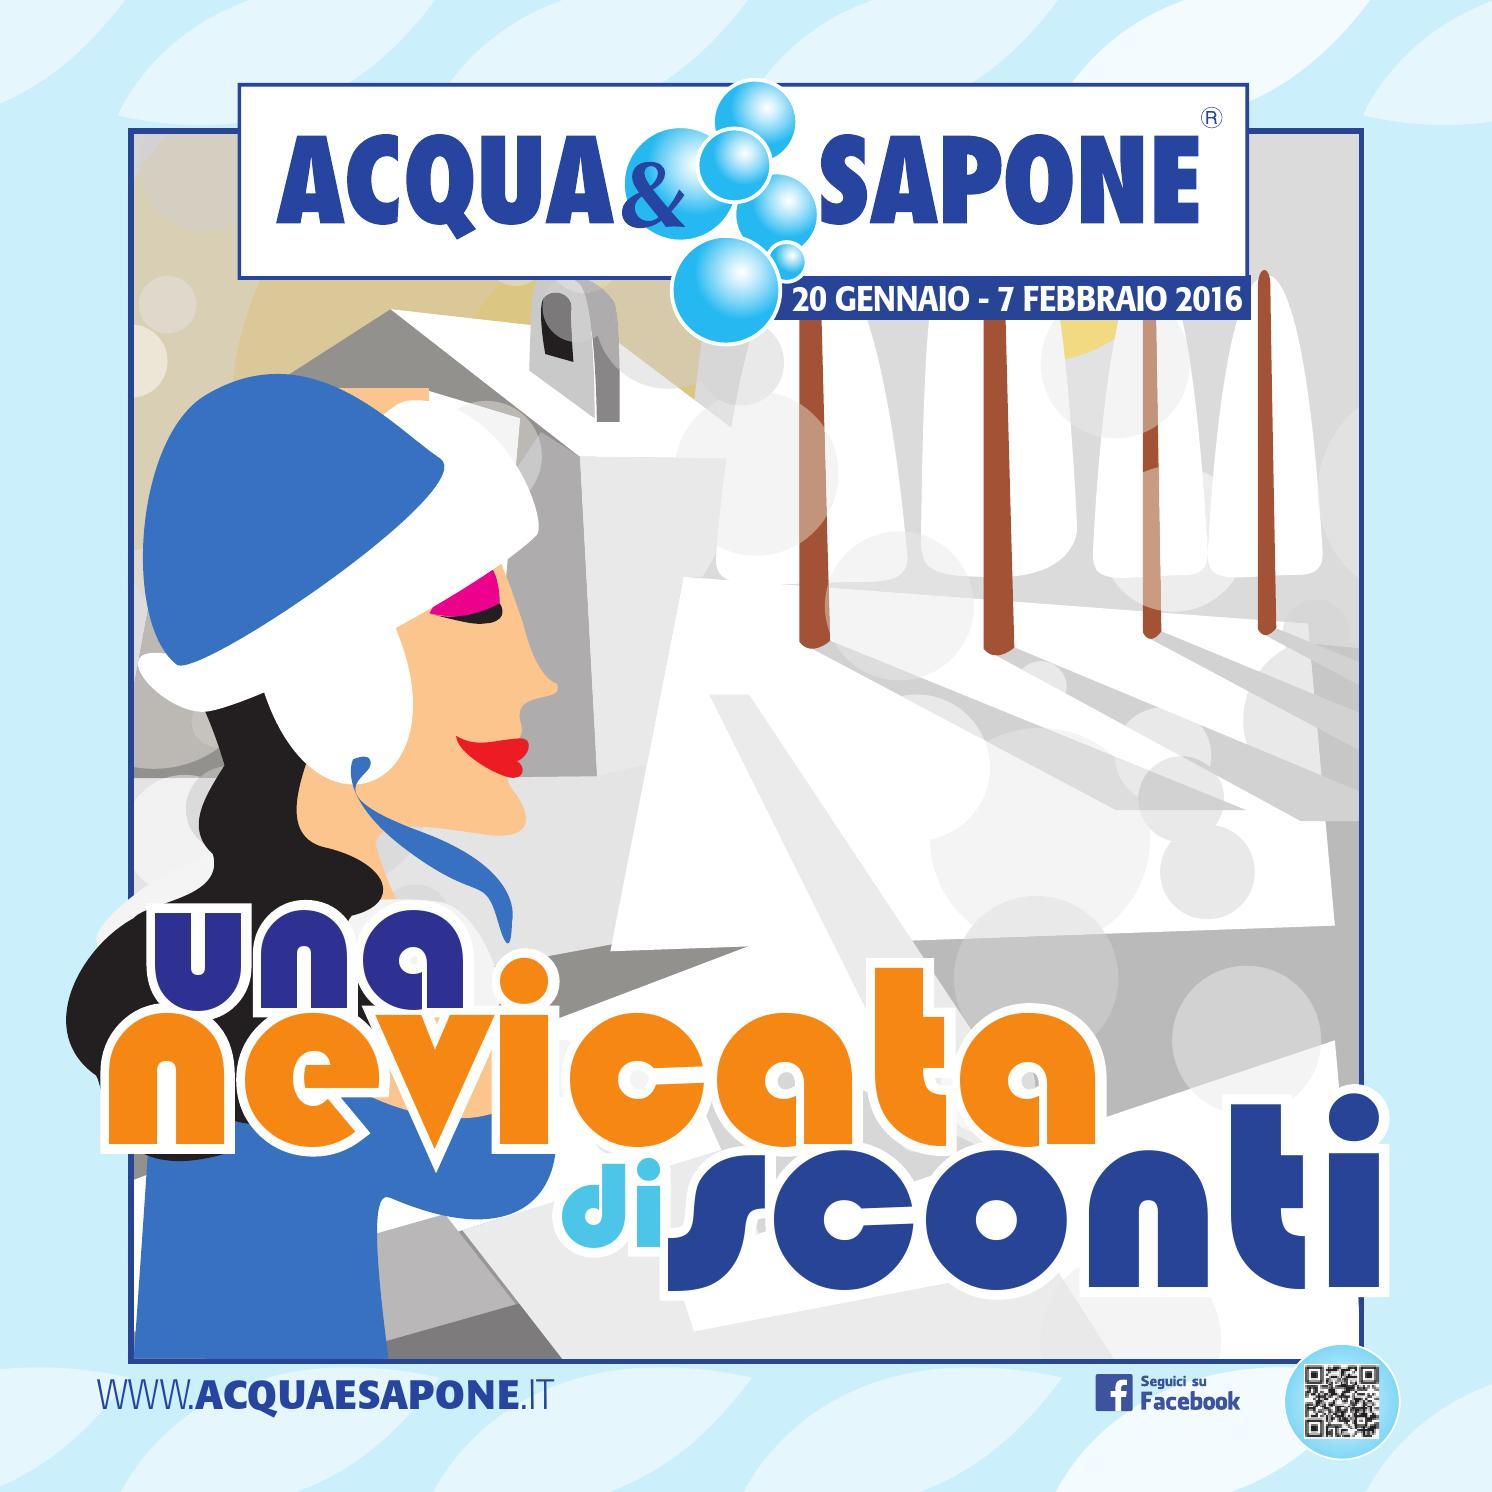 Volantino 2 2016 by acqua sapone toscana umbria issuu for Volantino acqua e sapone toscana